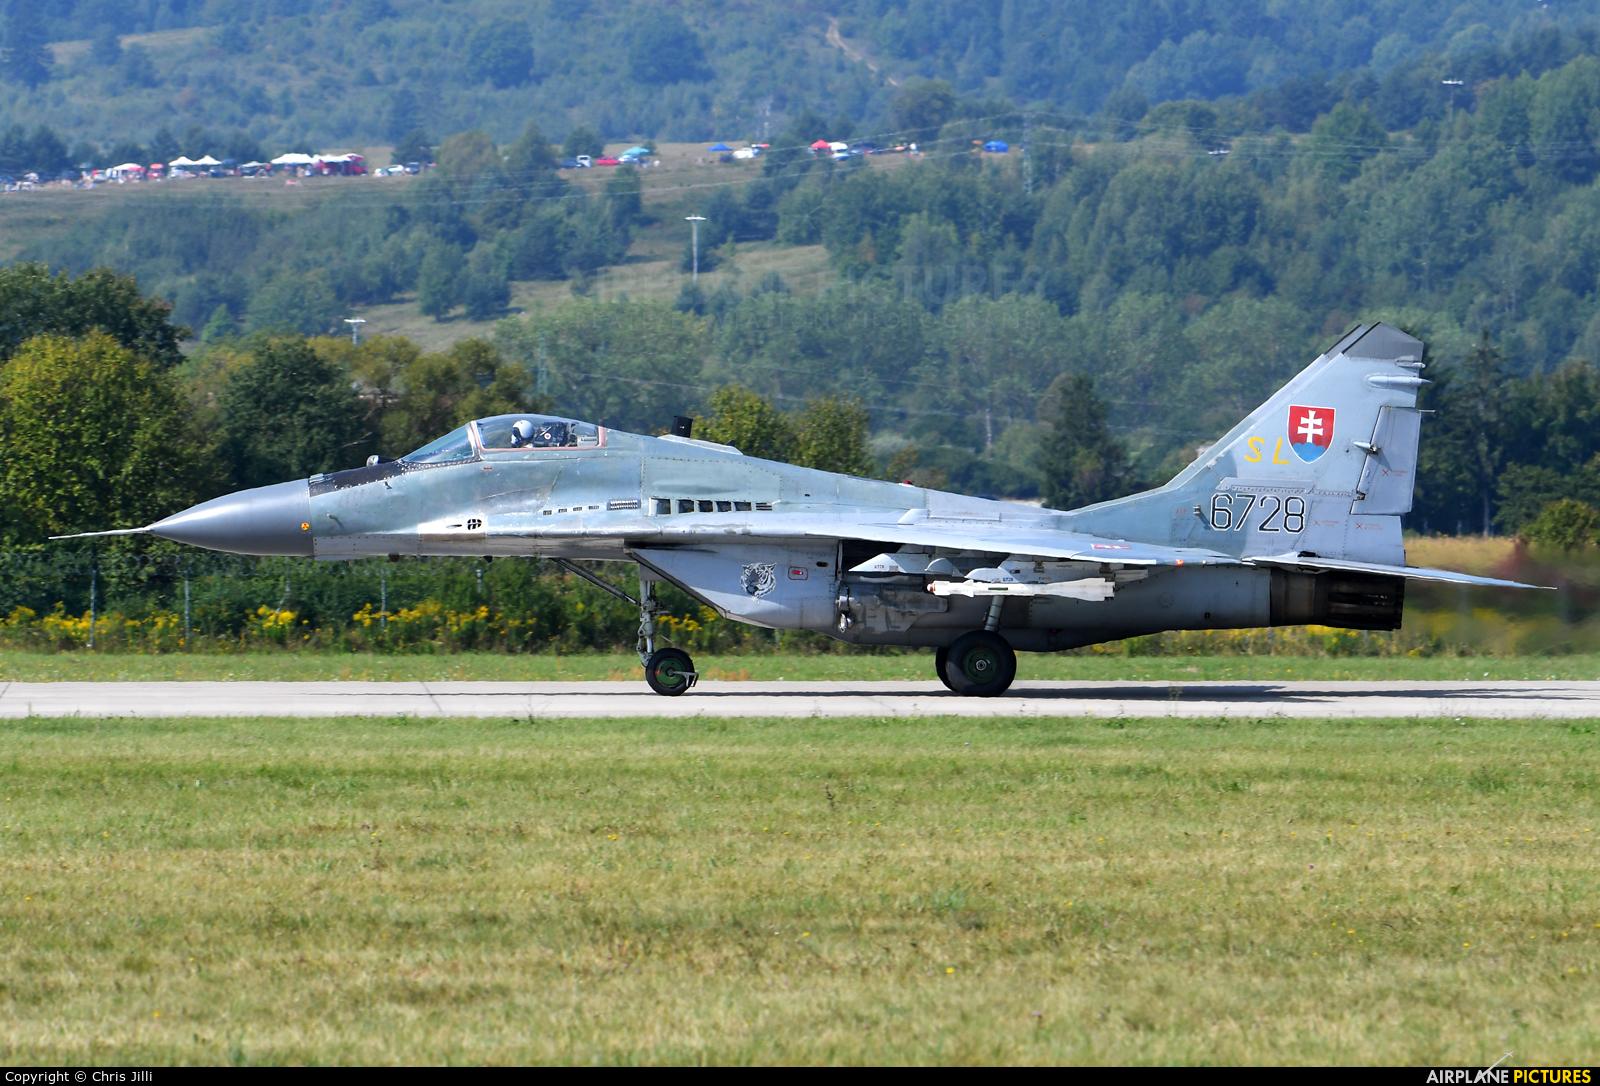 Slovakia -  Air Force 6728 aircraft at Sliač